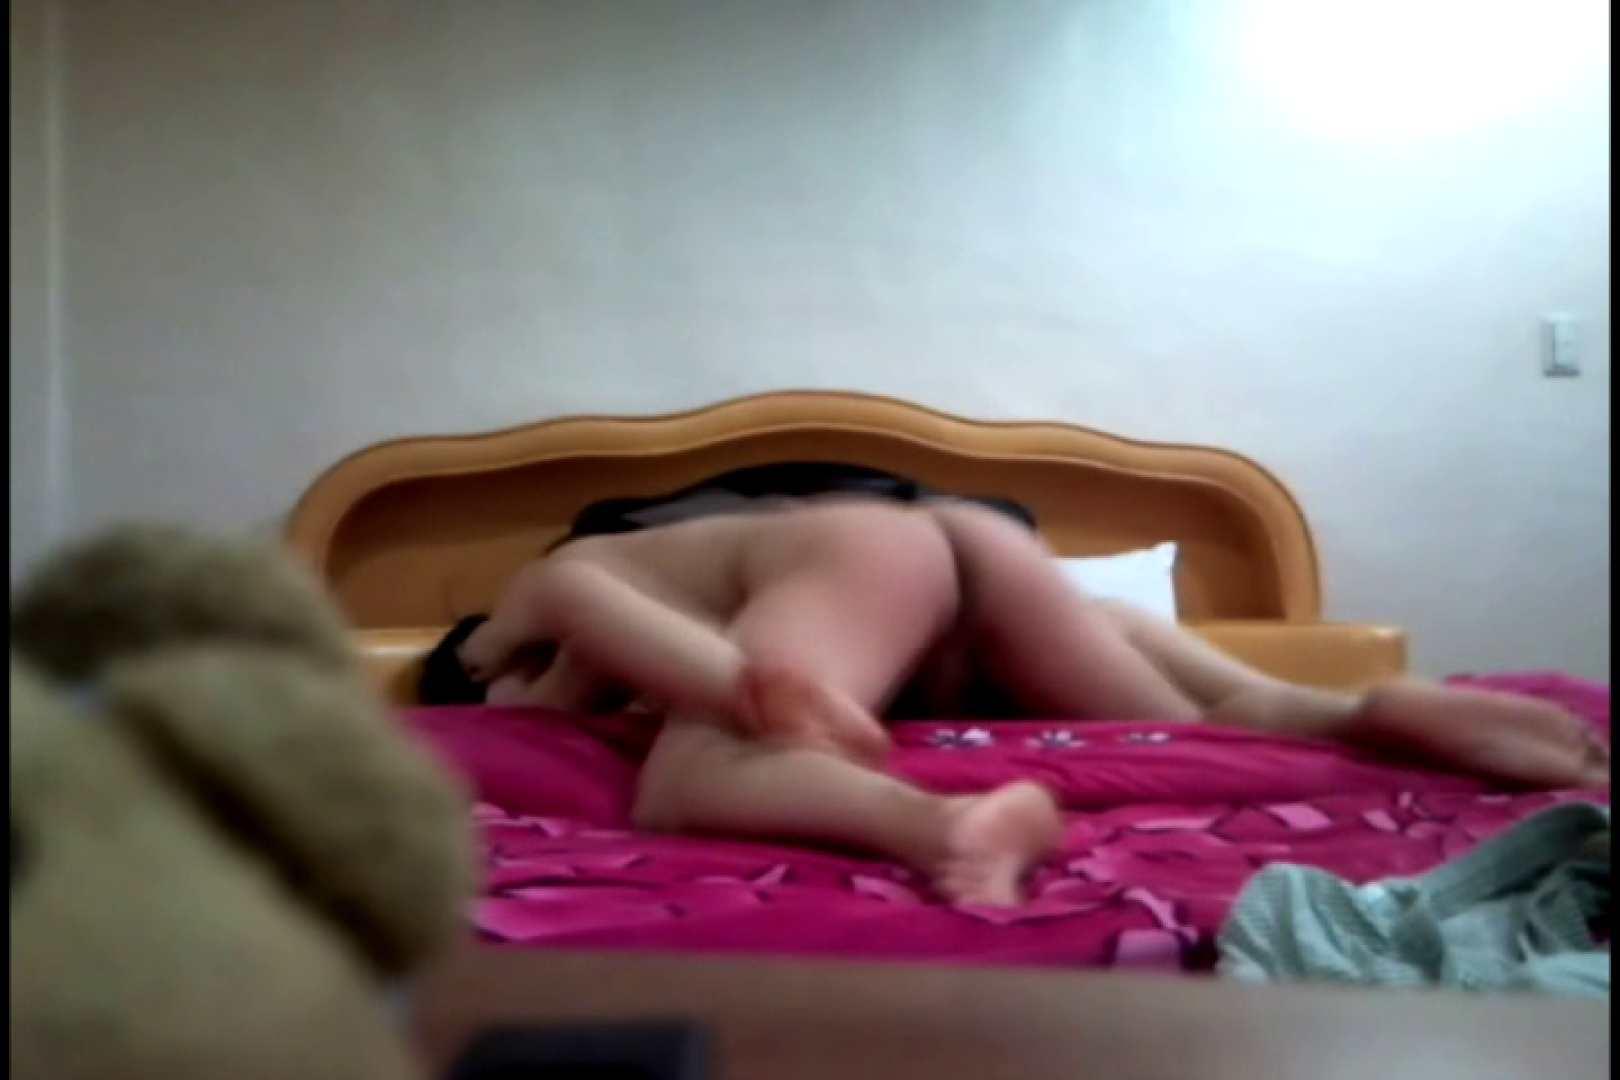 コリアン素人流出シリーズ ラブホテル隠し撮り ラブホテル | ホテル潜入  70pic 18